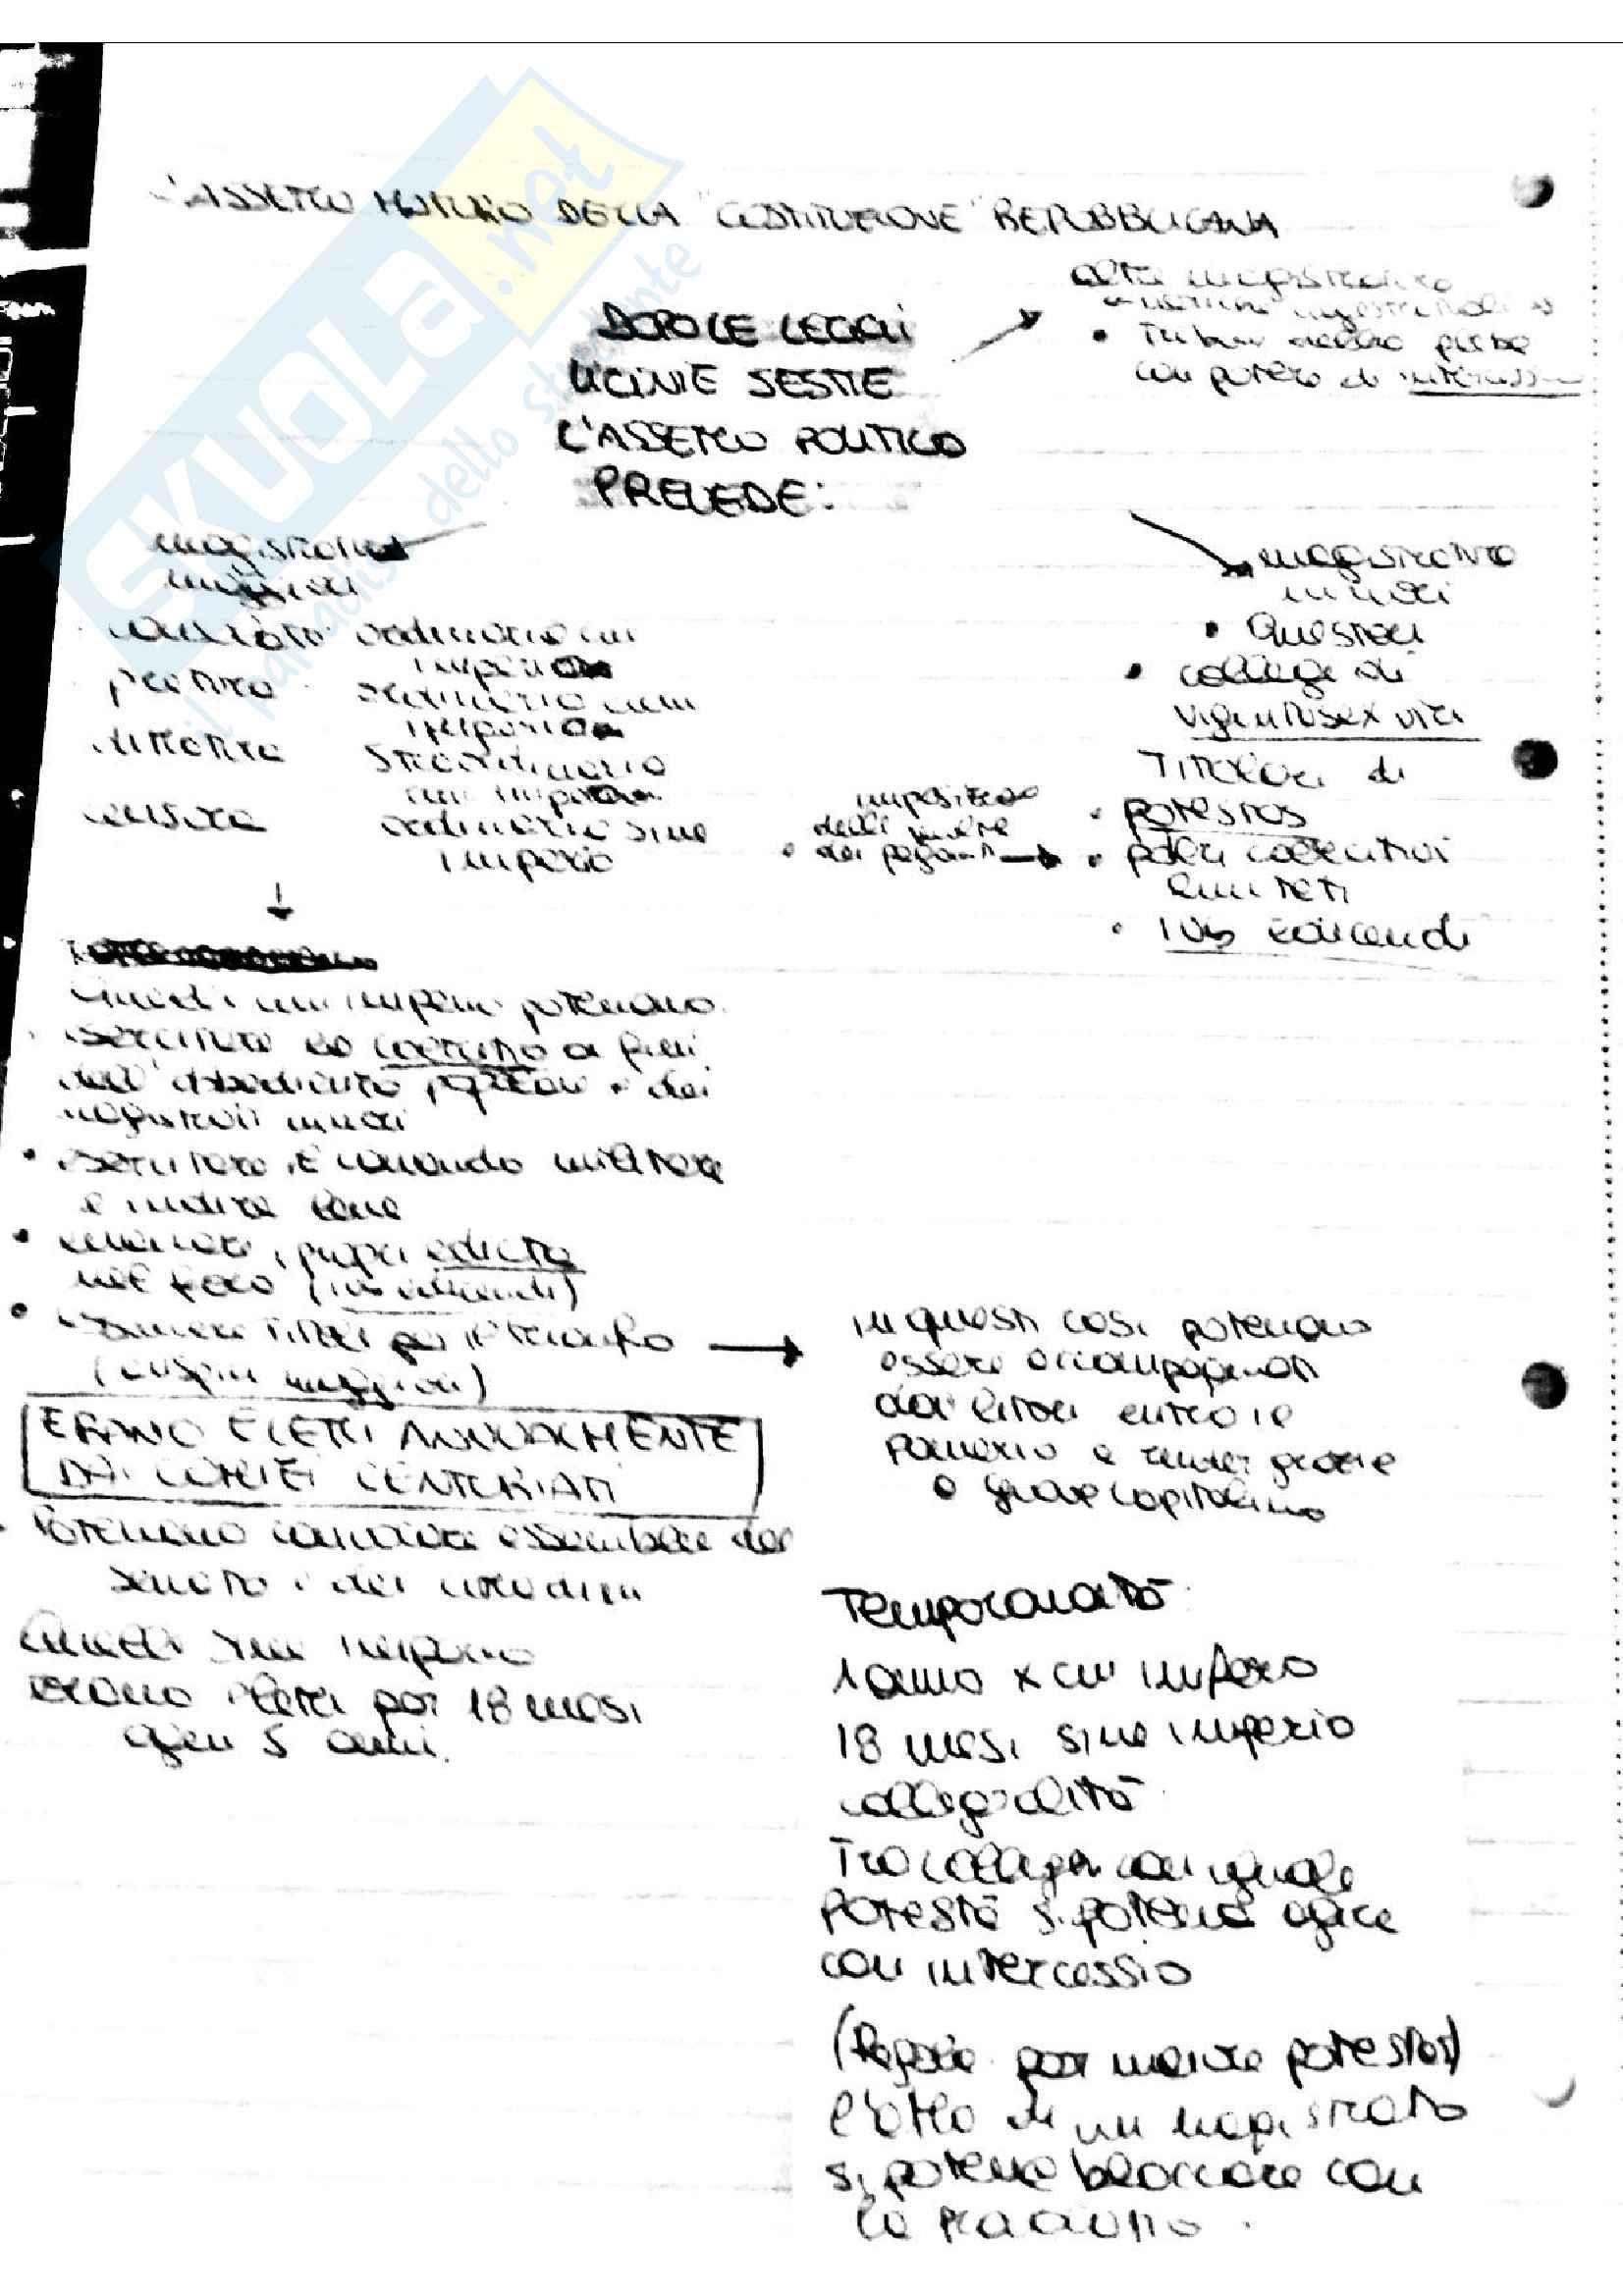 Appunti a mano di storia del diritto romano Pag. 36